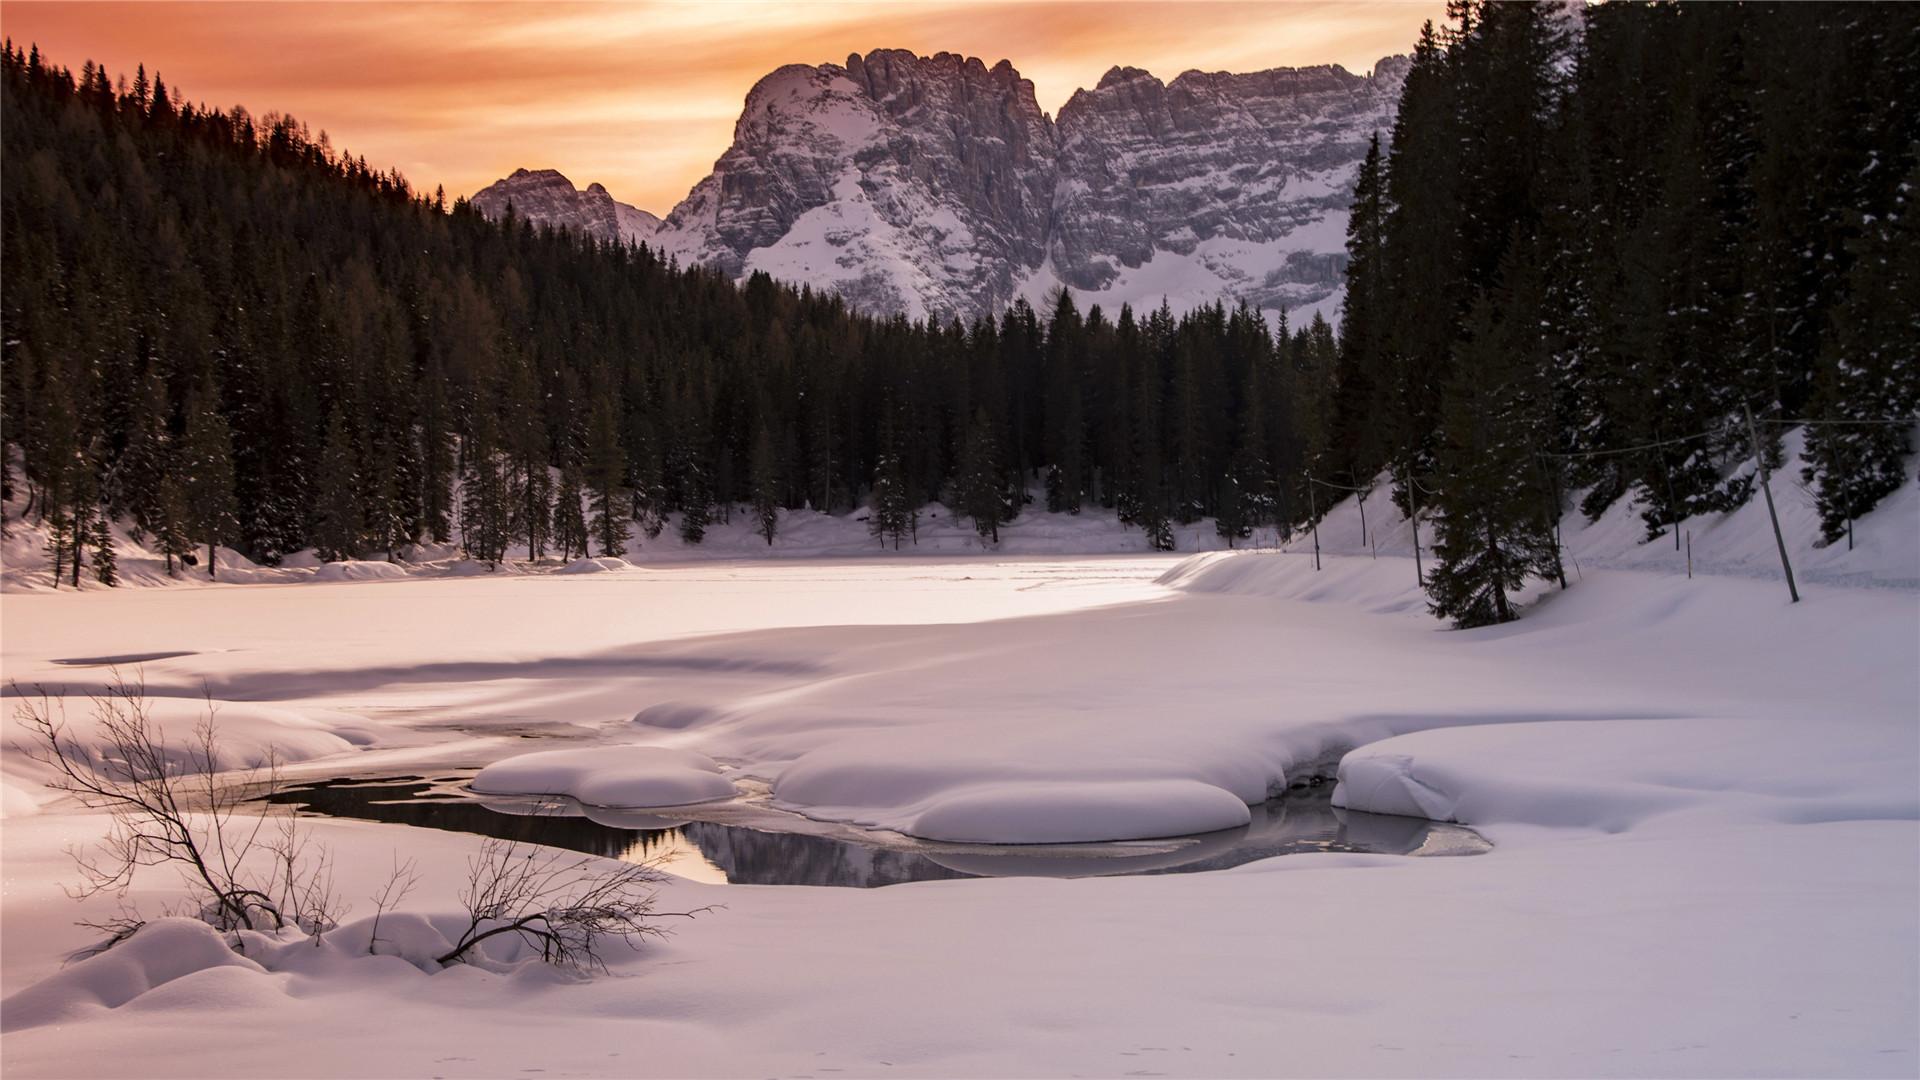 海拔最高的山峰唯美雪景搜狗桌面壁纸大全